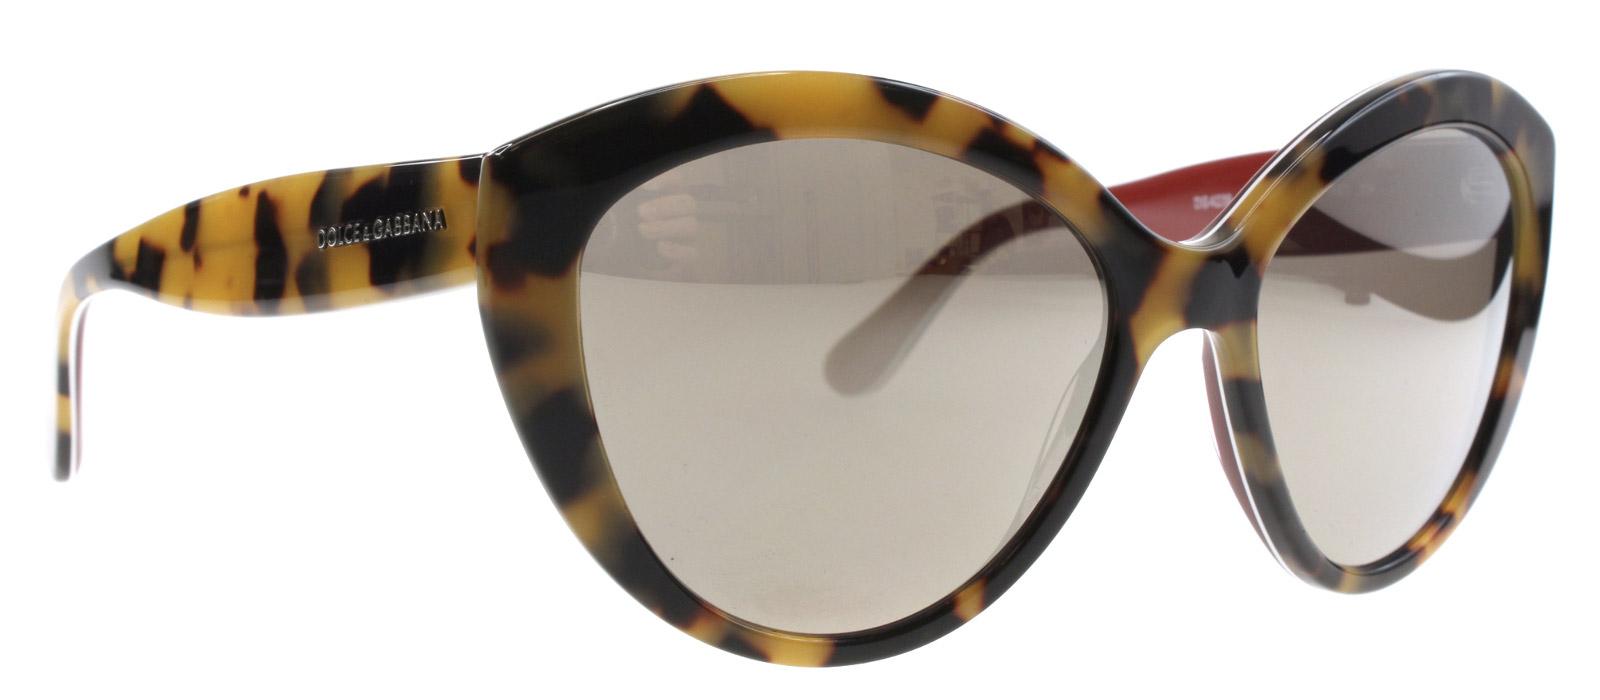 occhiali da sole dolce & gabbana ottica ticinese lugano